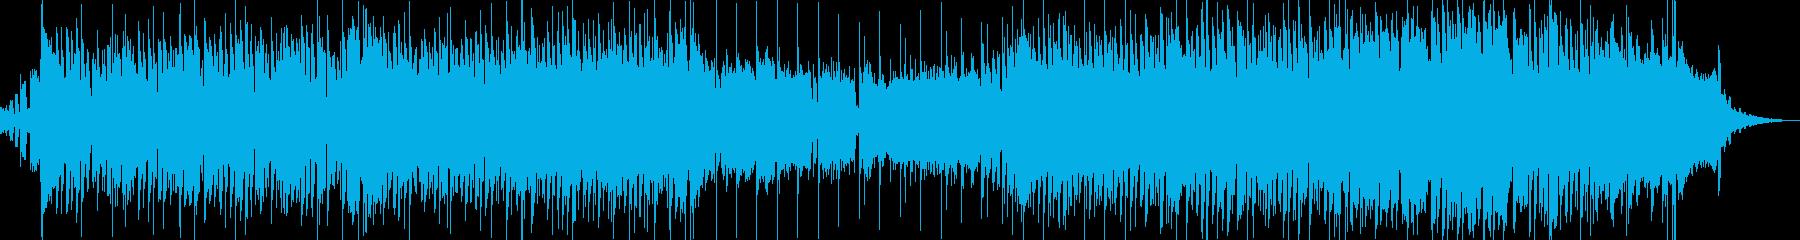 クラシック曲の攻撃的ヒップホップアレンジの再生済みの波形